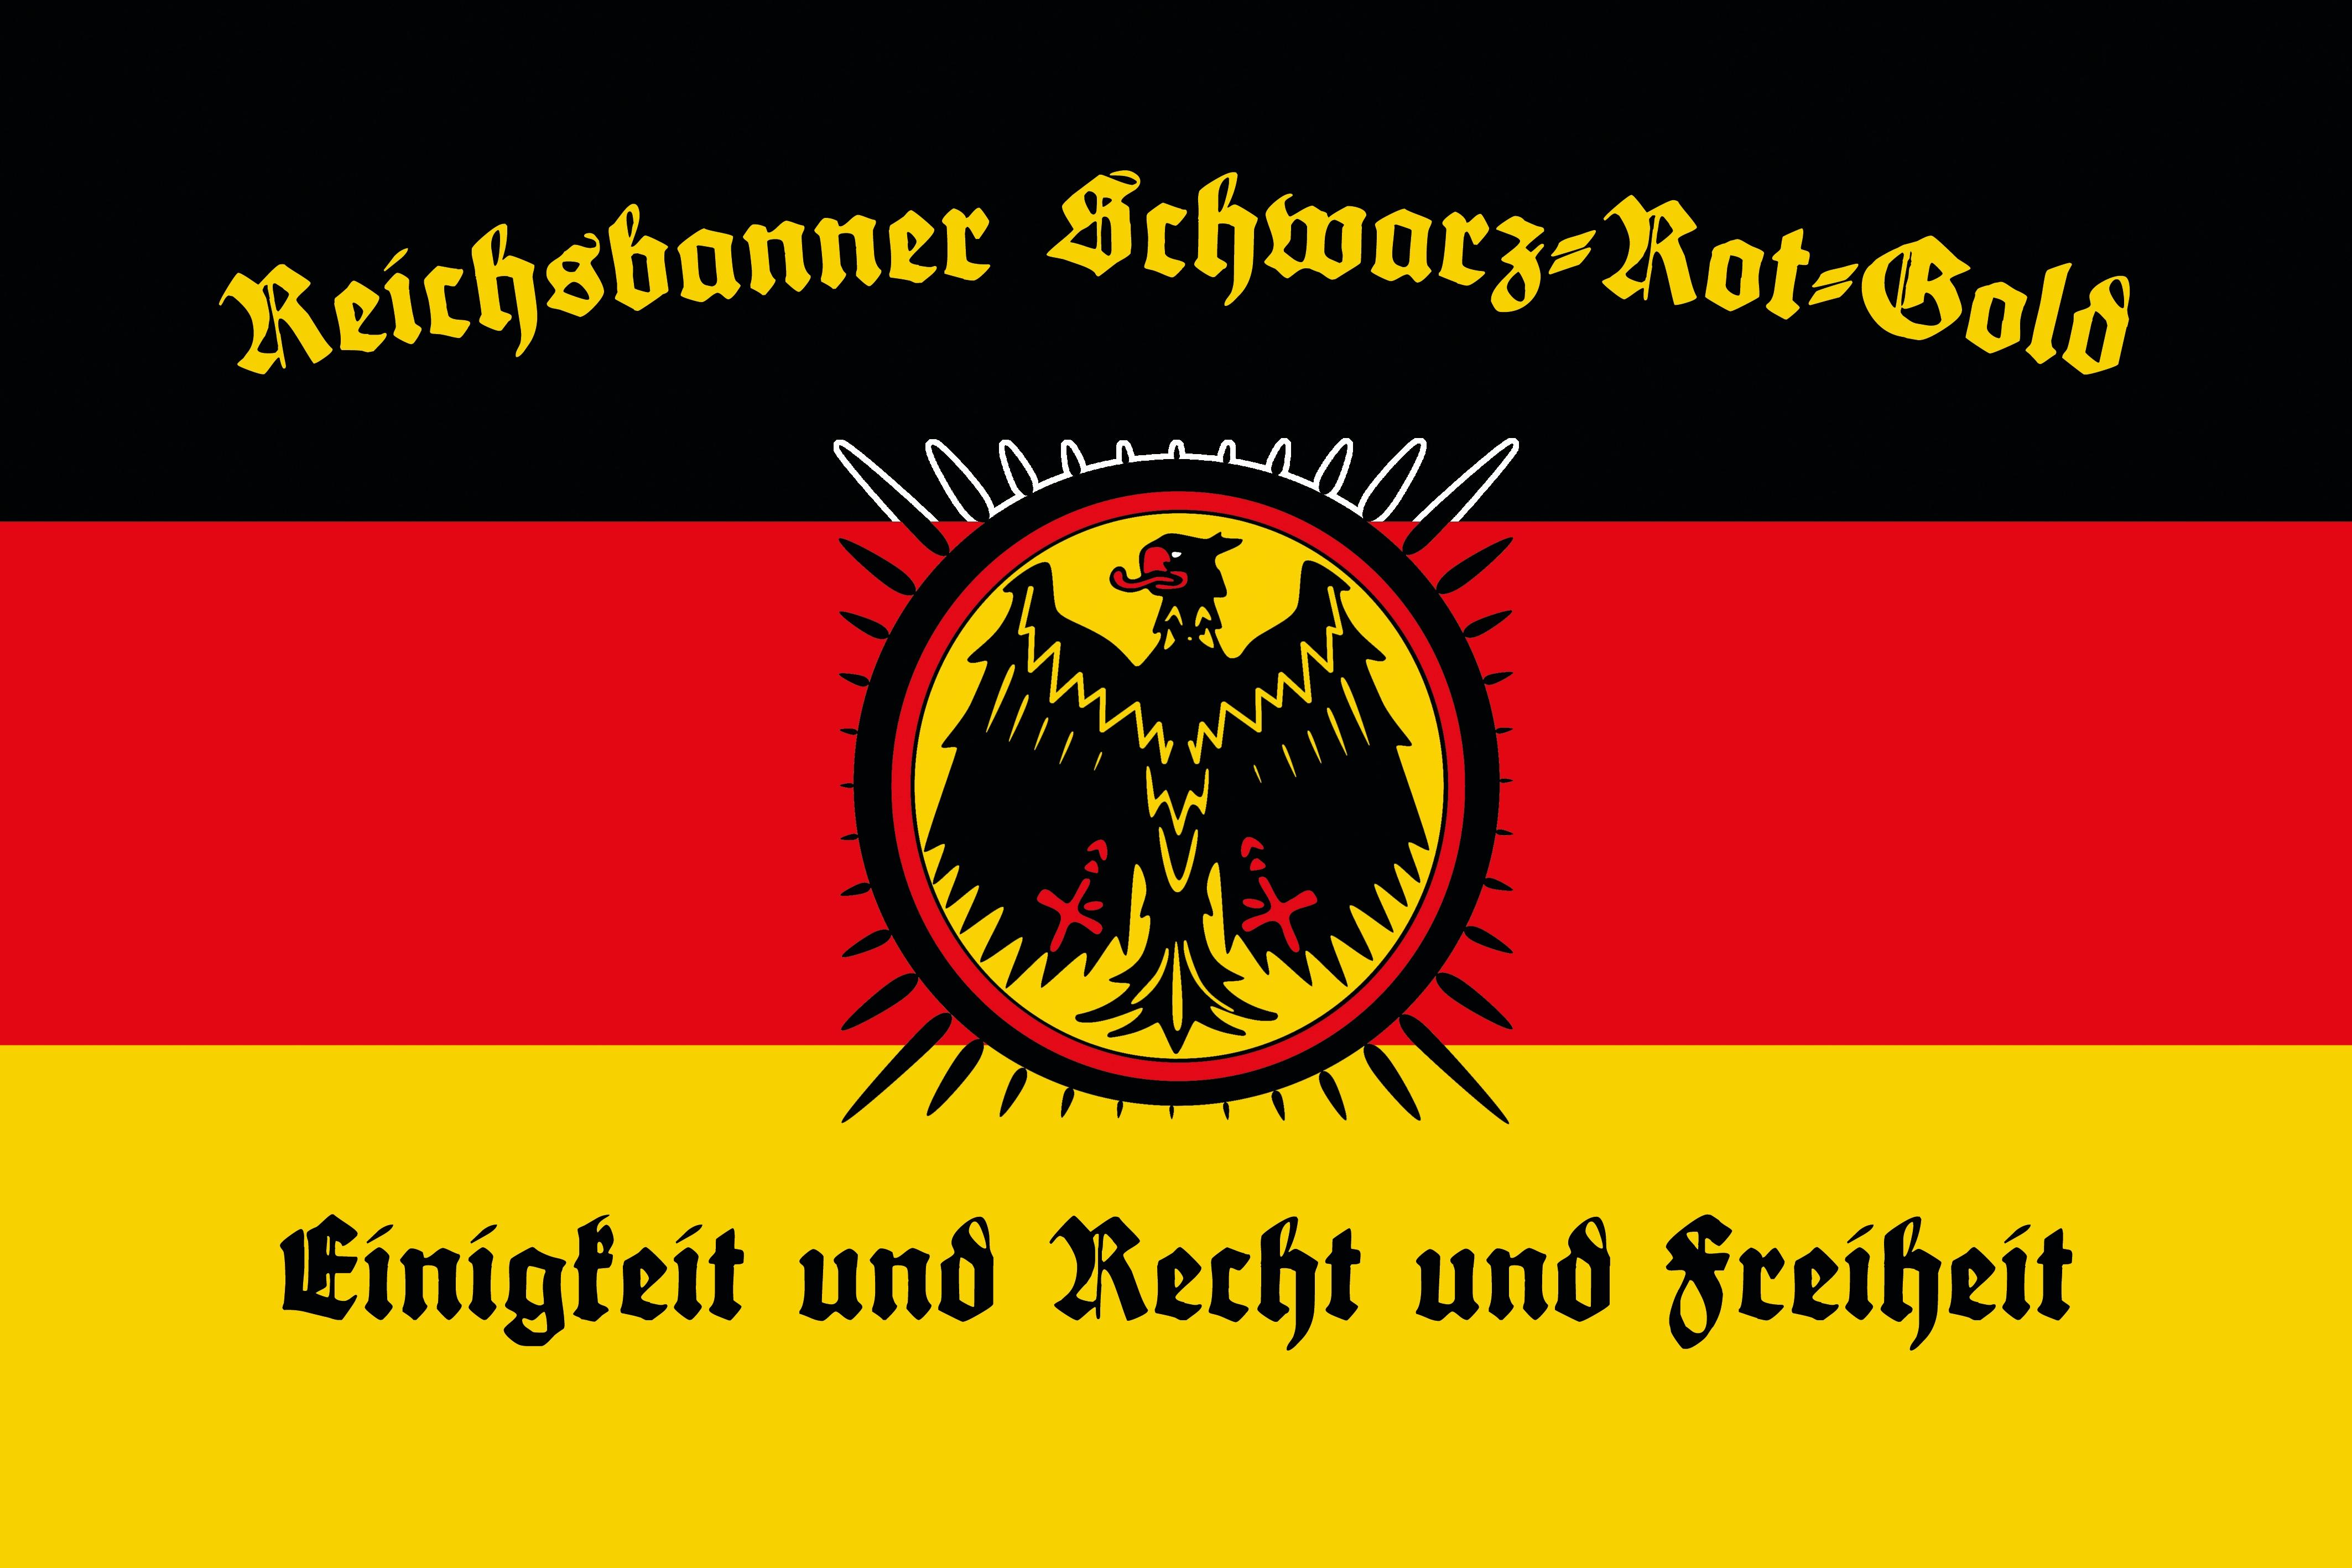 Flagge des Reichsbanners Schwarz-Rot-Gold